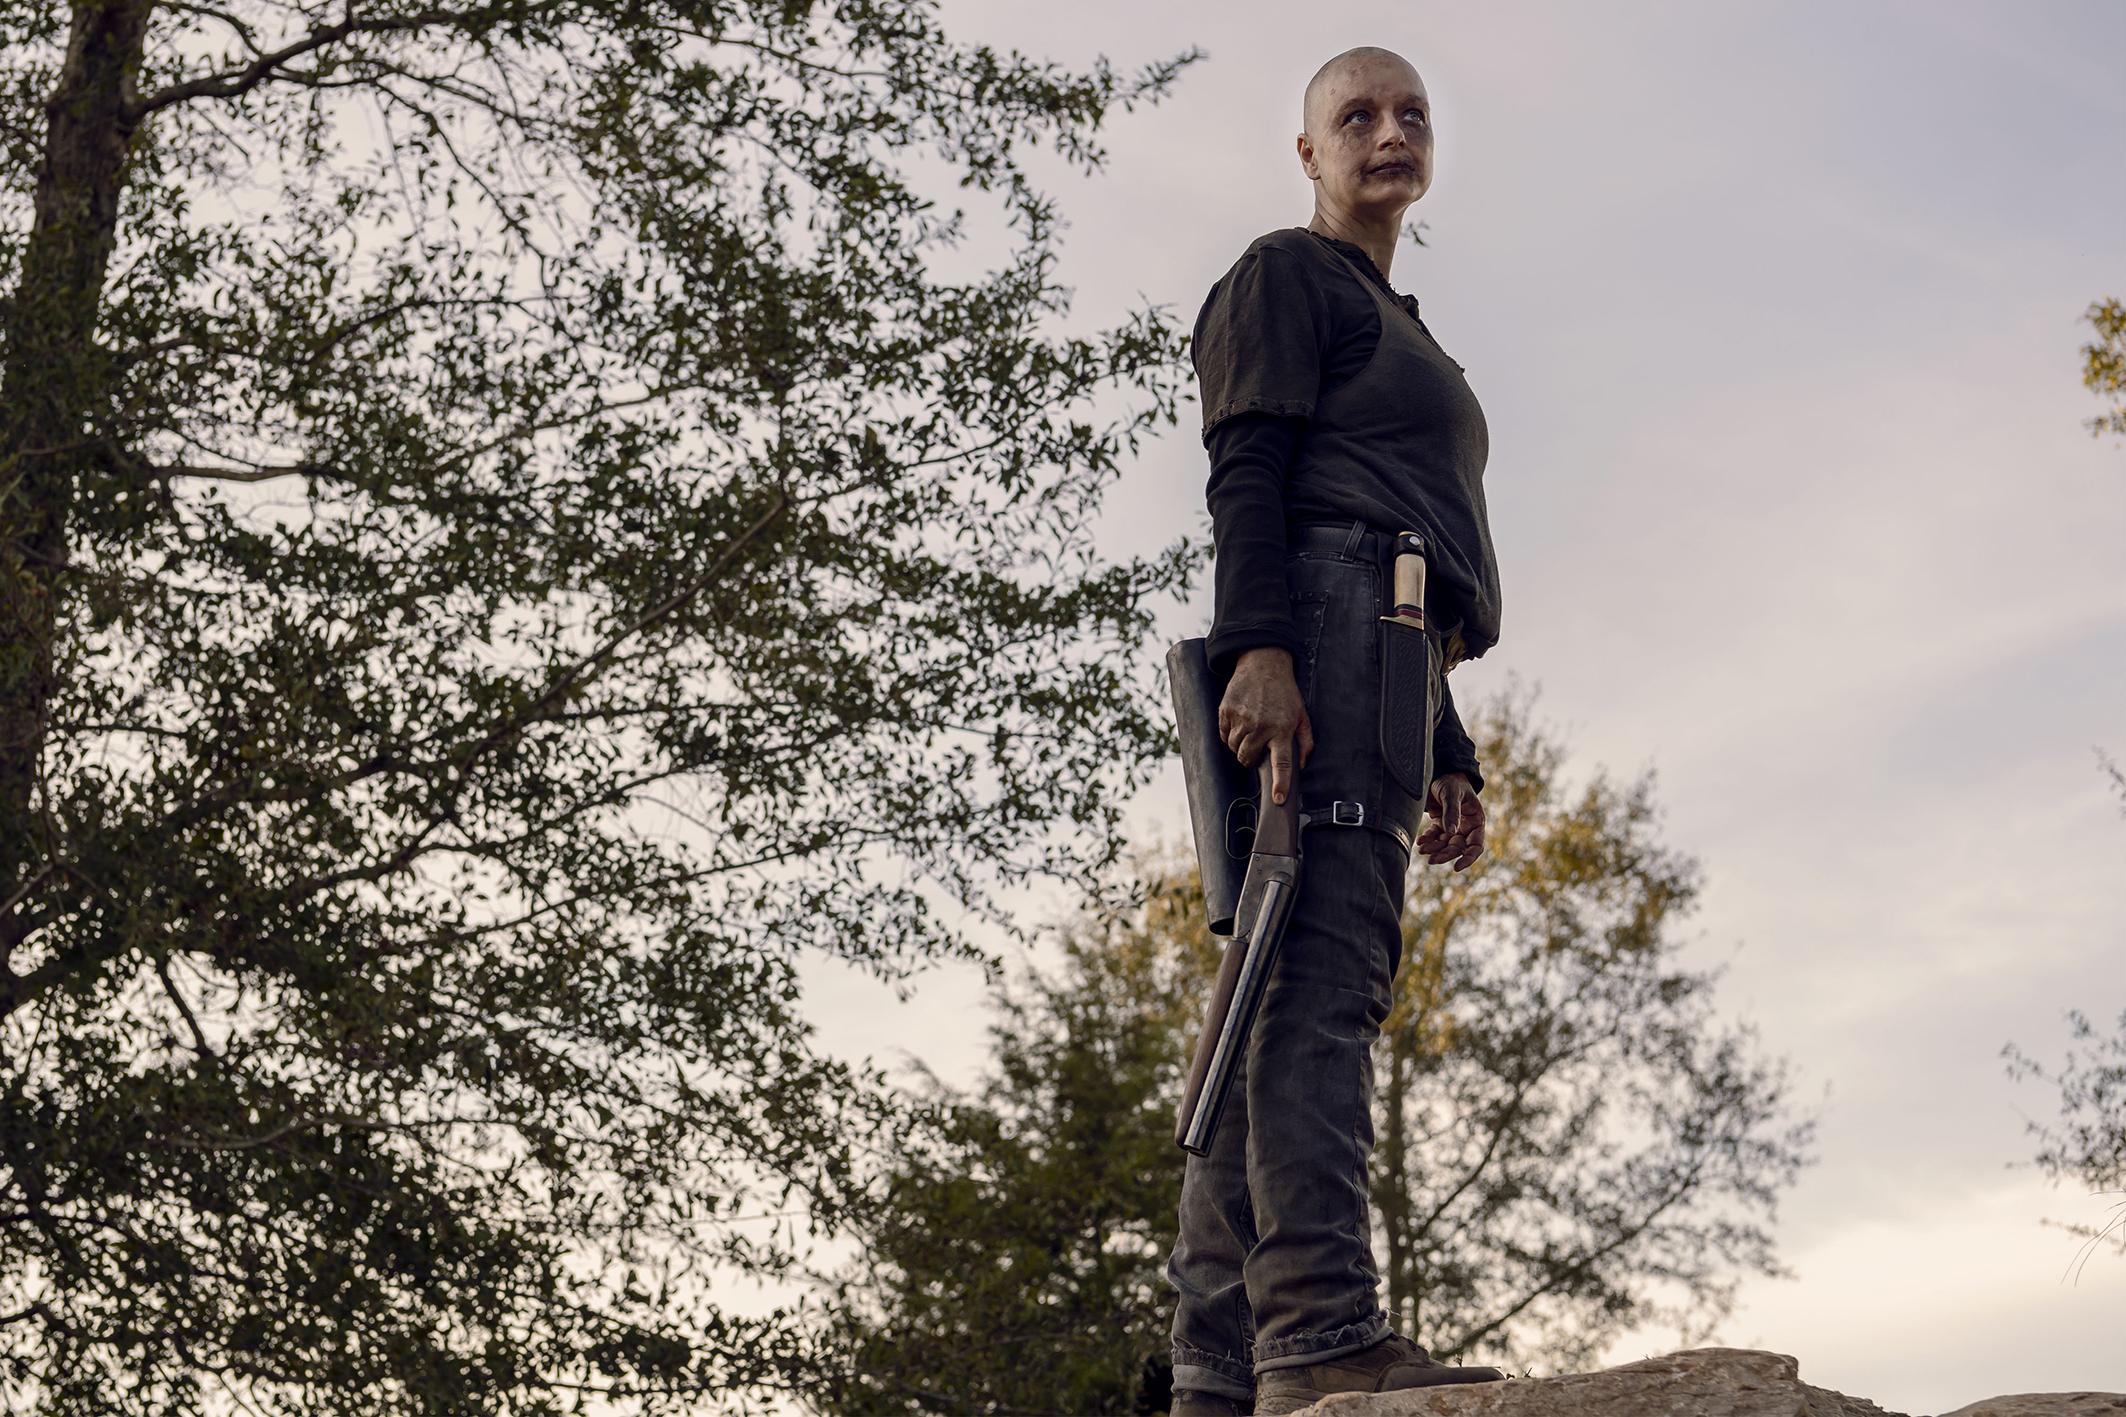 Flipboard: The Walking Dead Season 9 Episode 15 Review